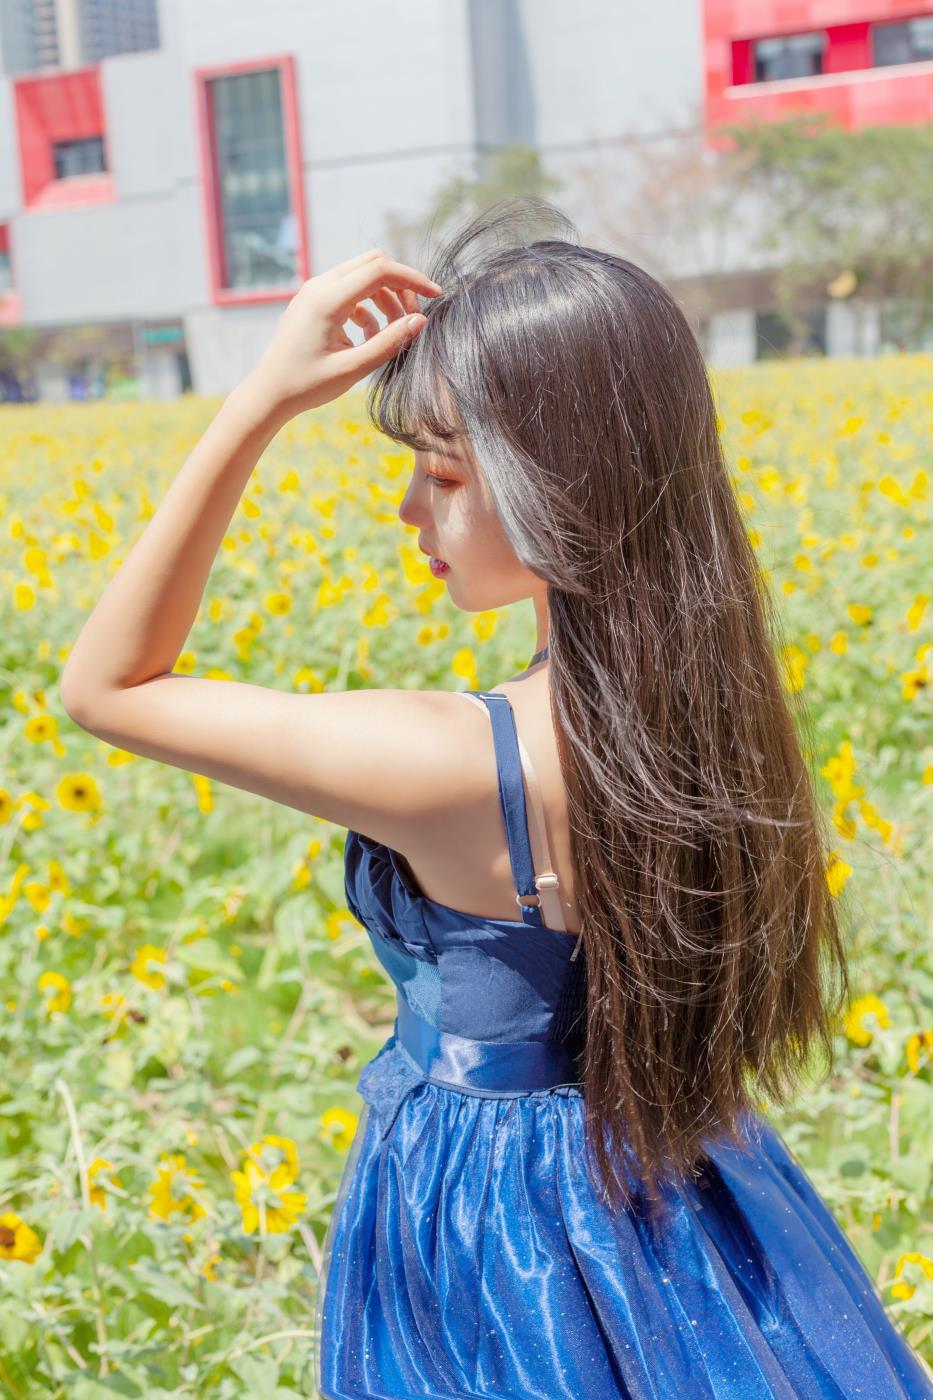 小清新美少女蓝色连衣裙户外唯美摄影写真图片